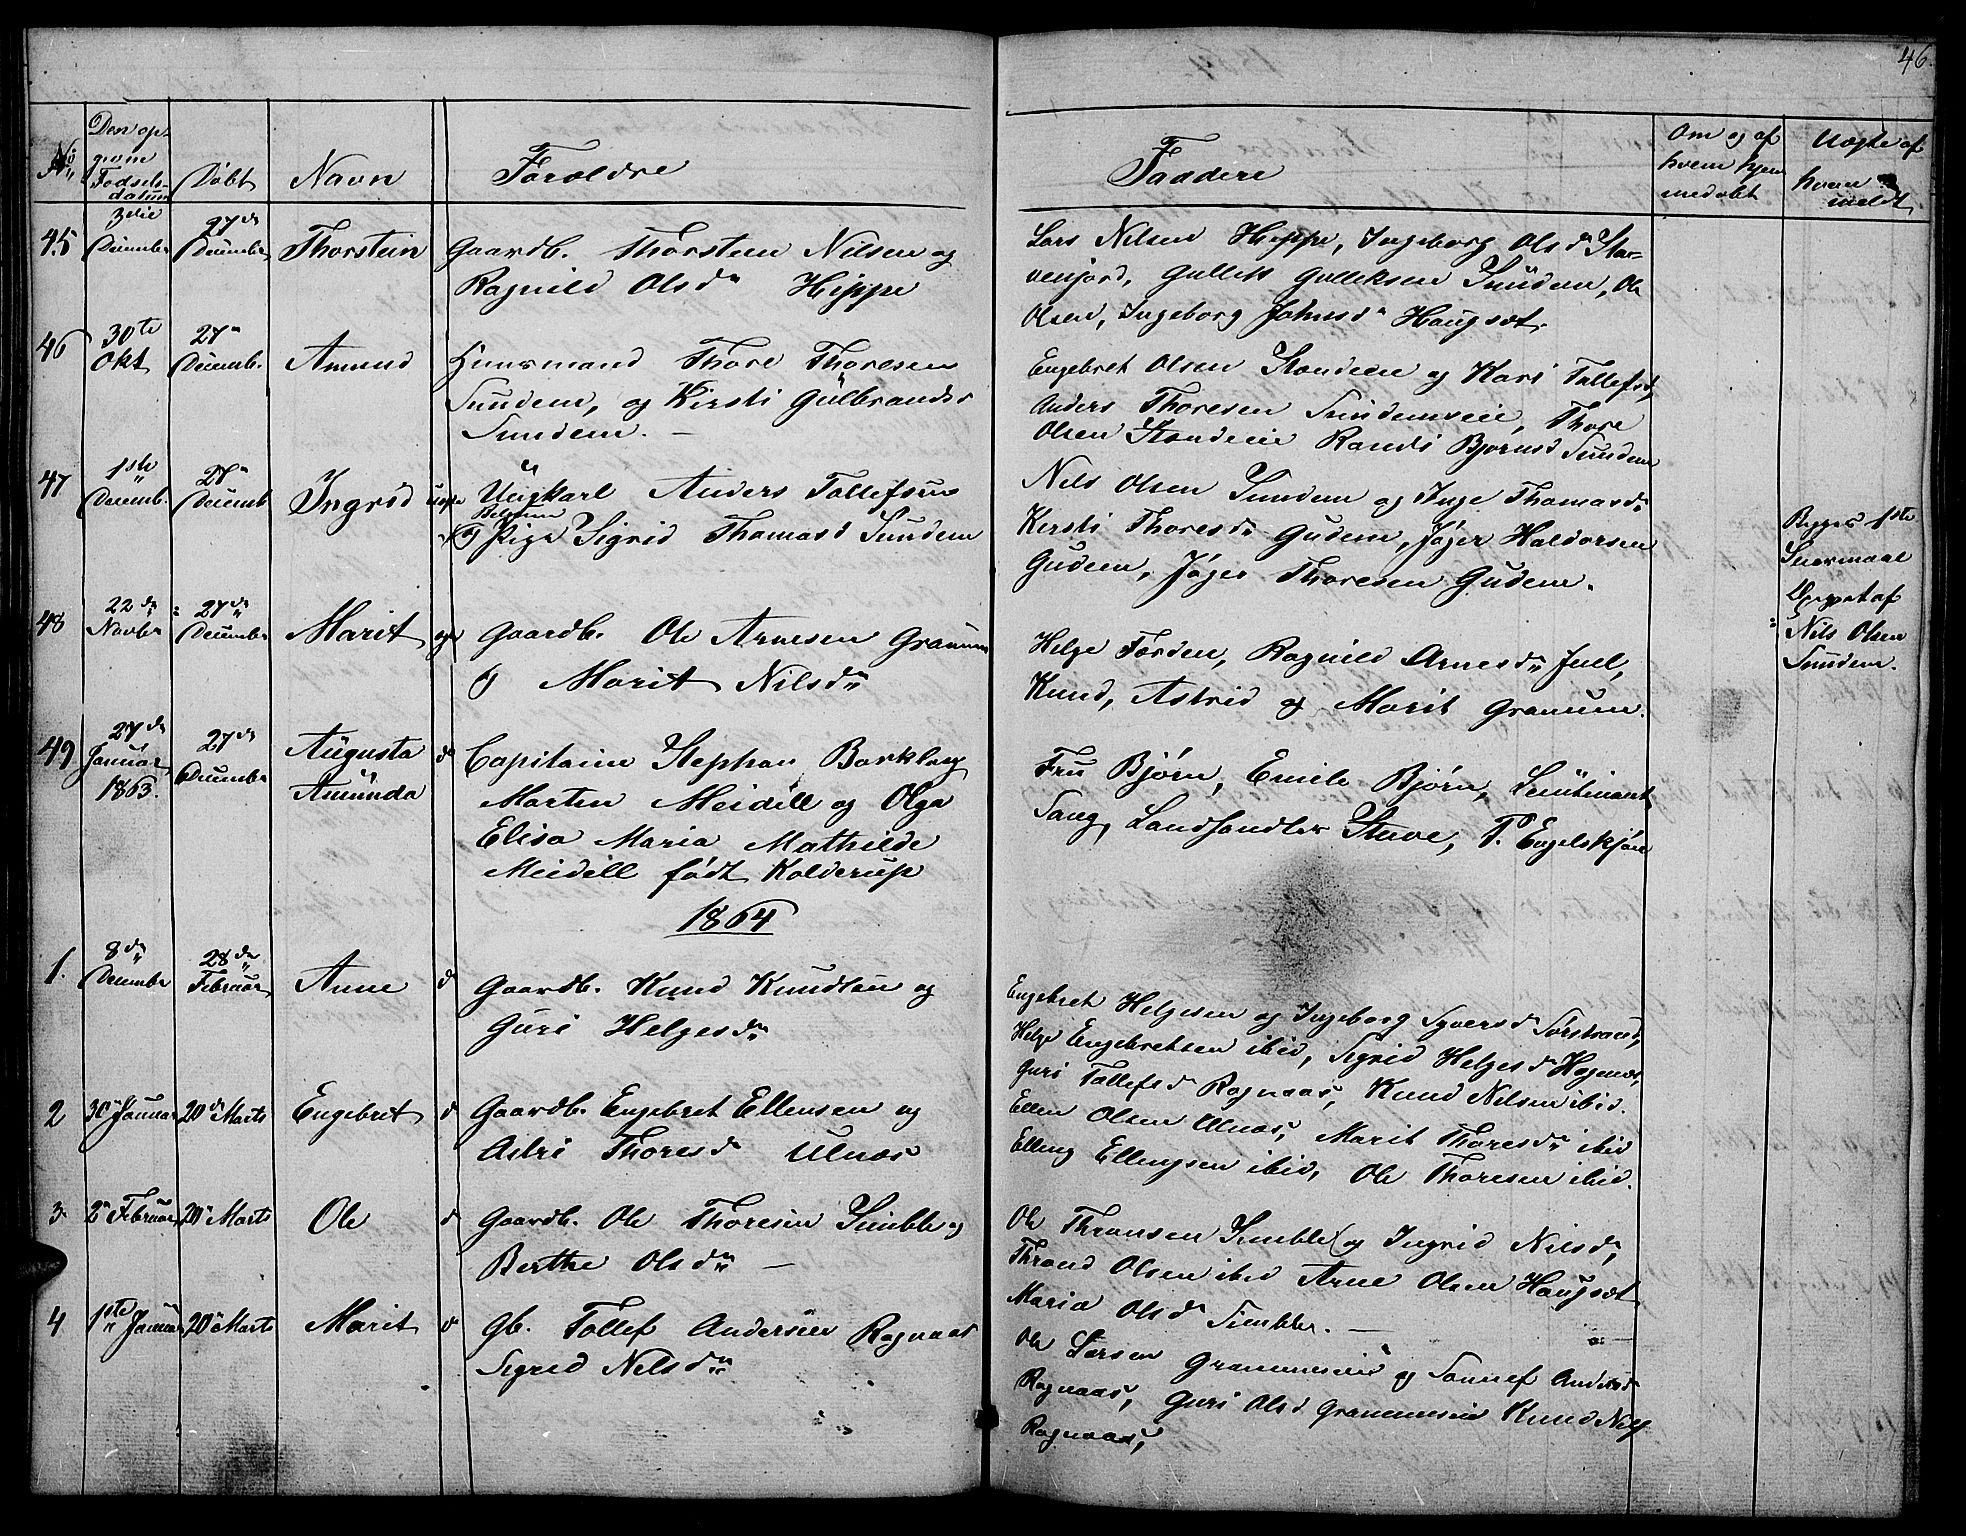 SAH, Nord-Aurdal prestekontor, Klokkerbok nr. 4, 1842-1882, s. 46